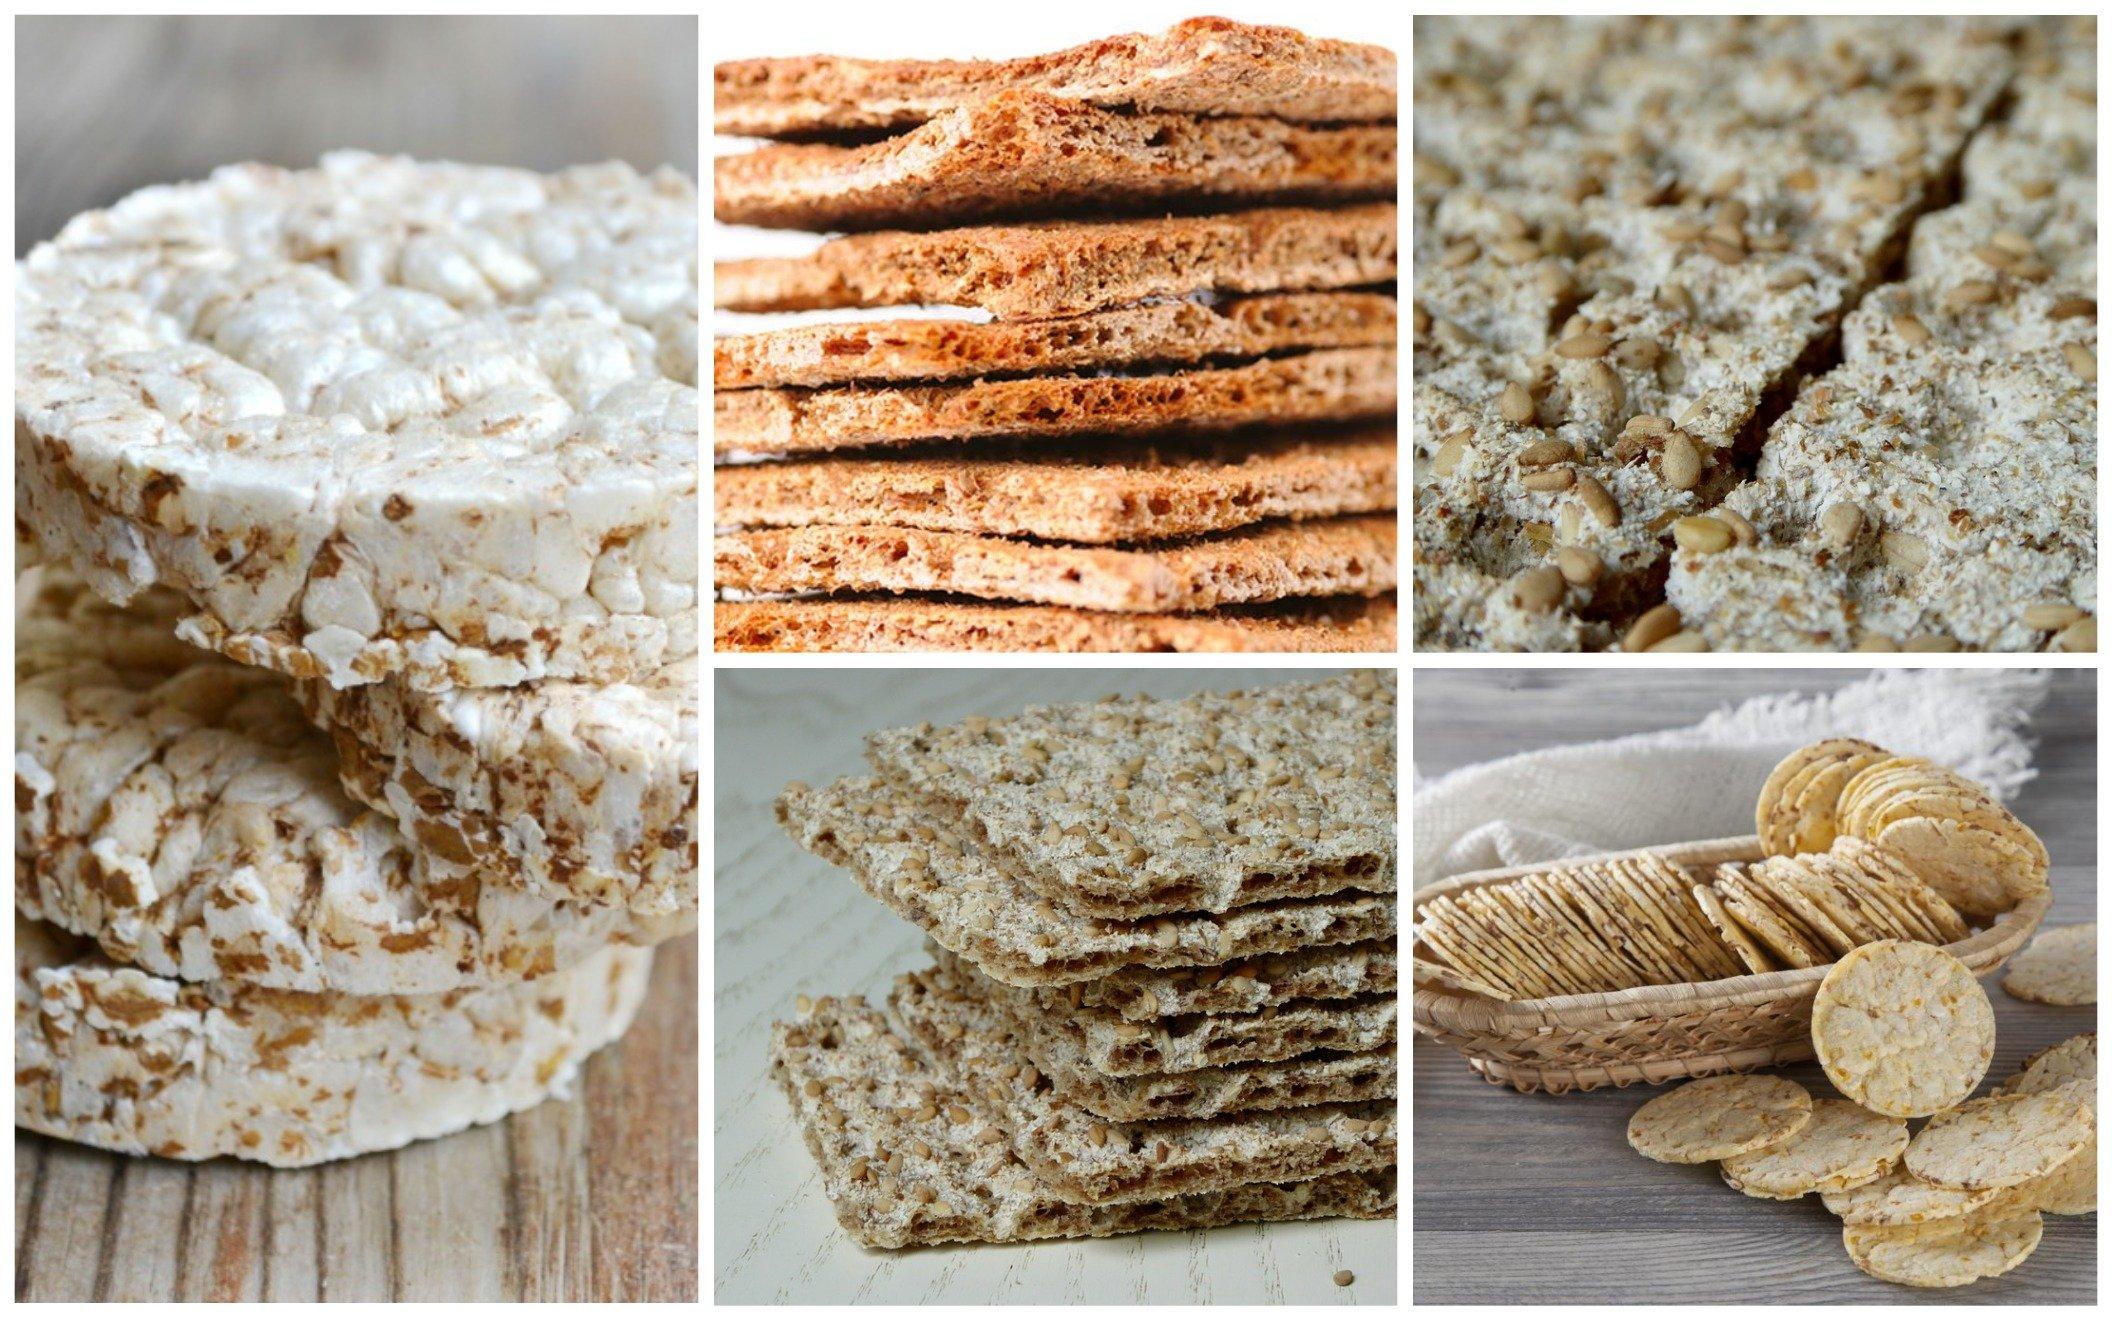 что полезнее хлебцы или хлеб при диете